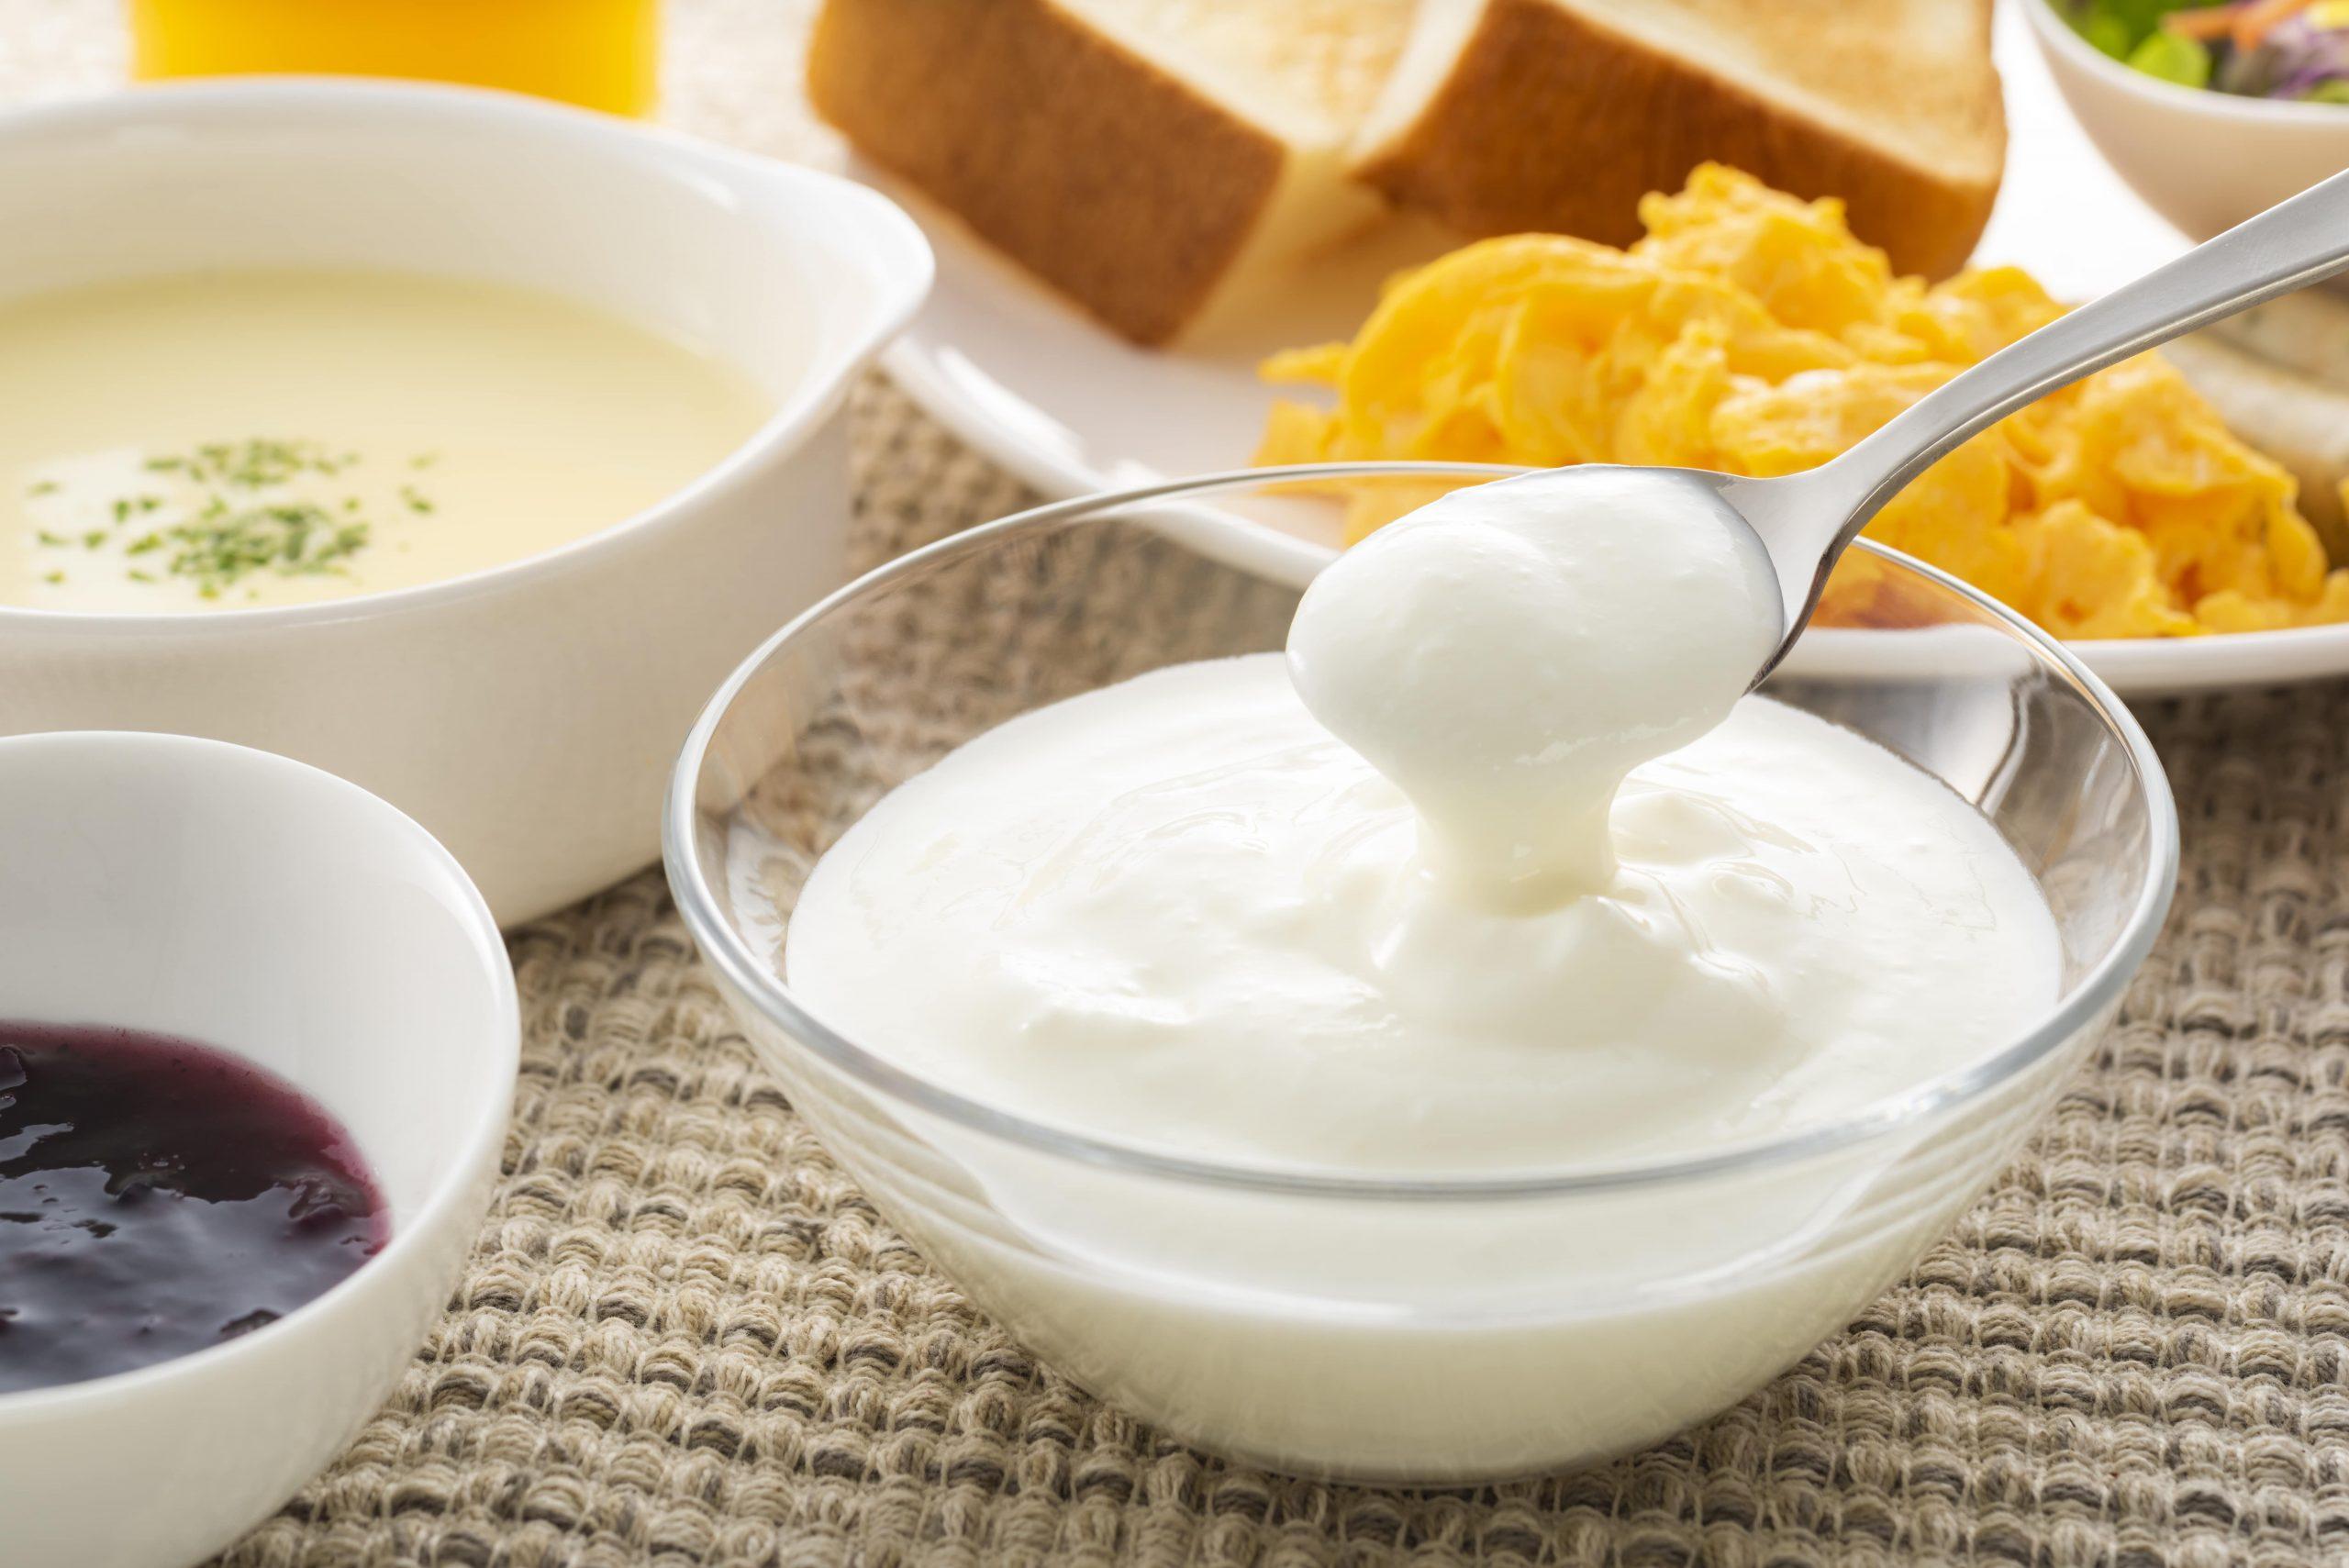 乳酸菌を摂ることのデメリットはあるか?